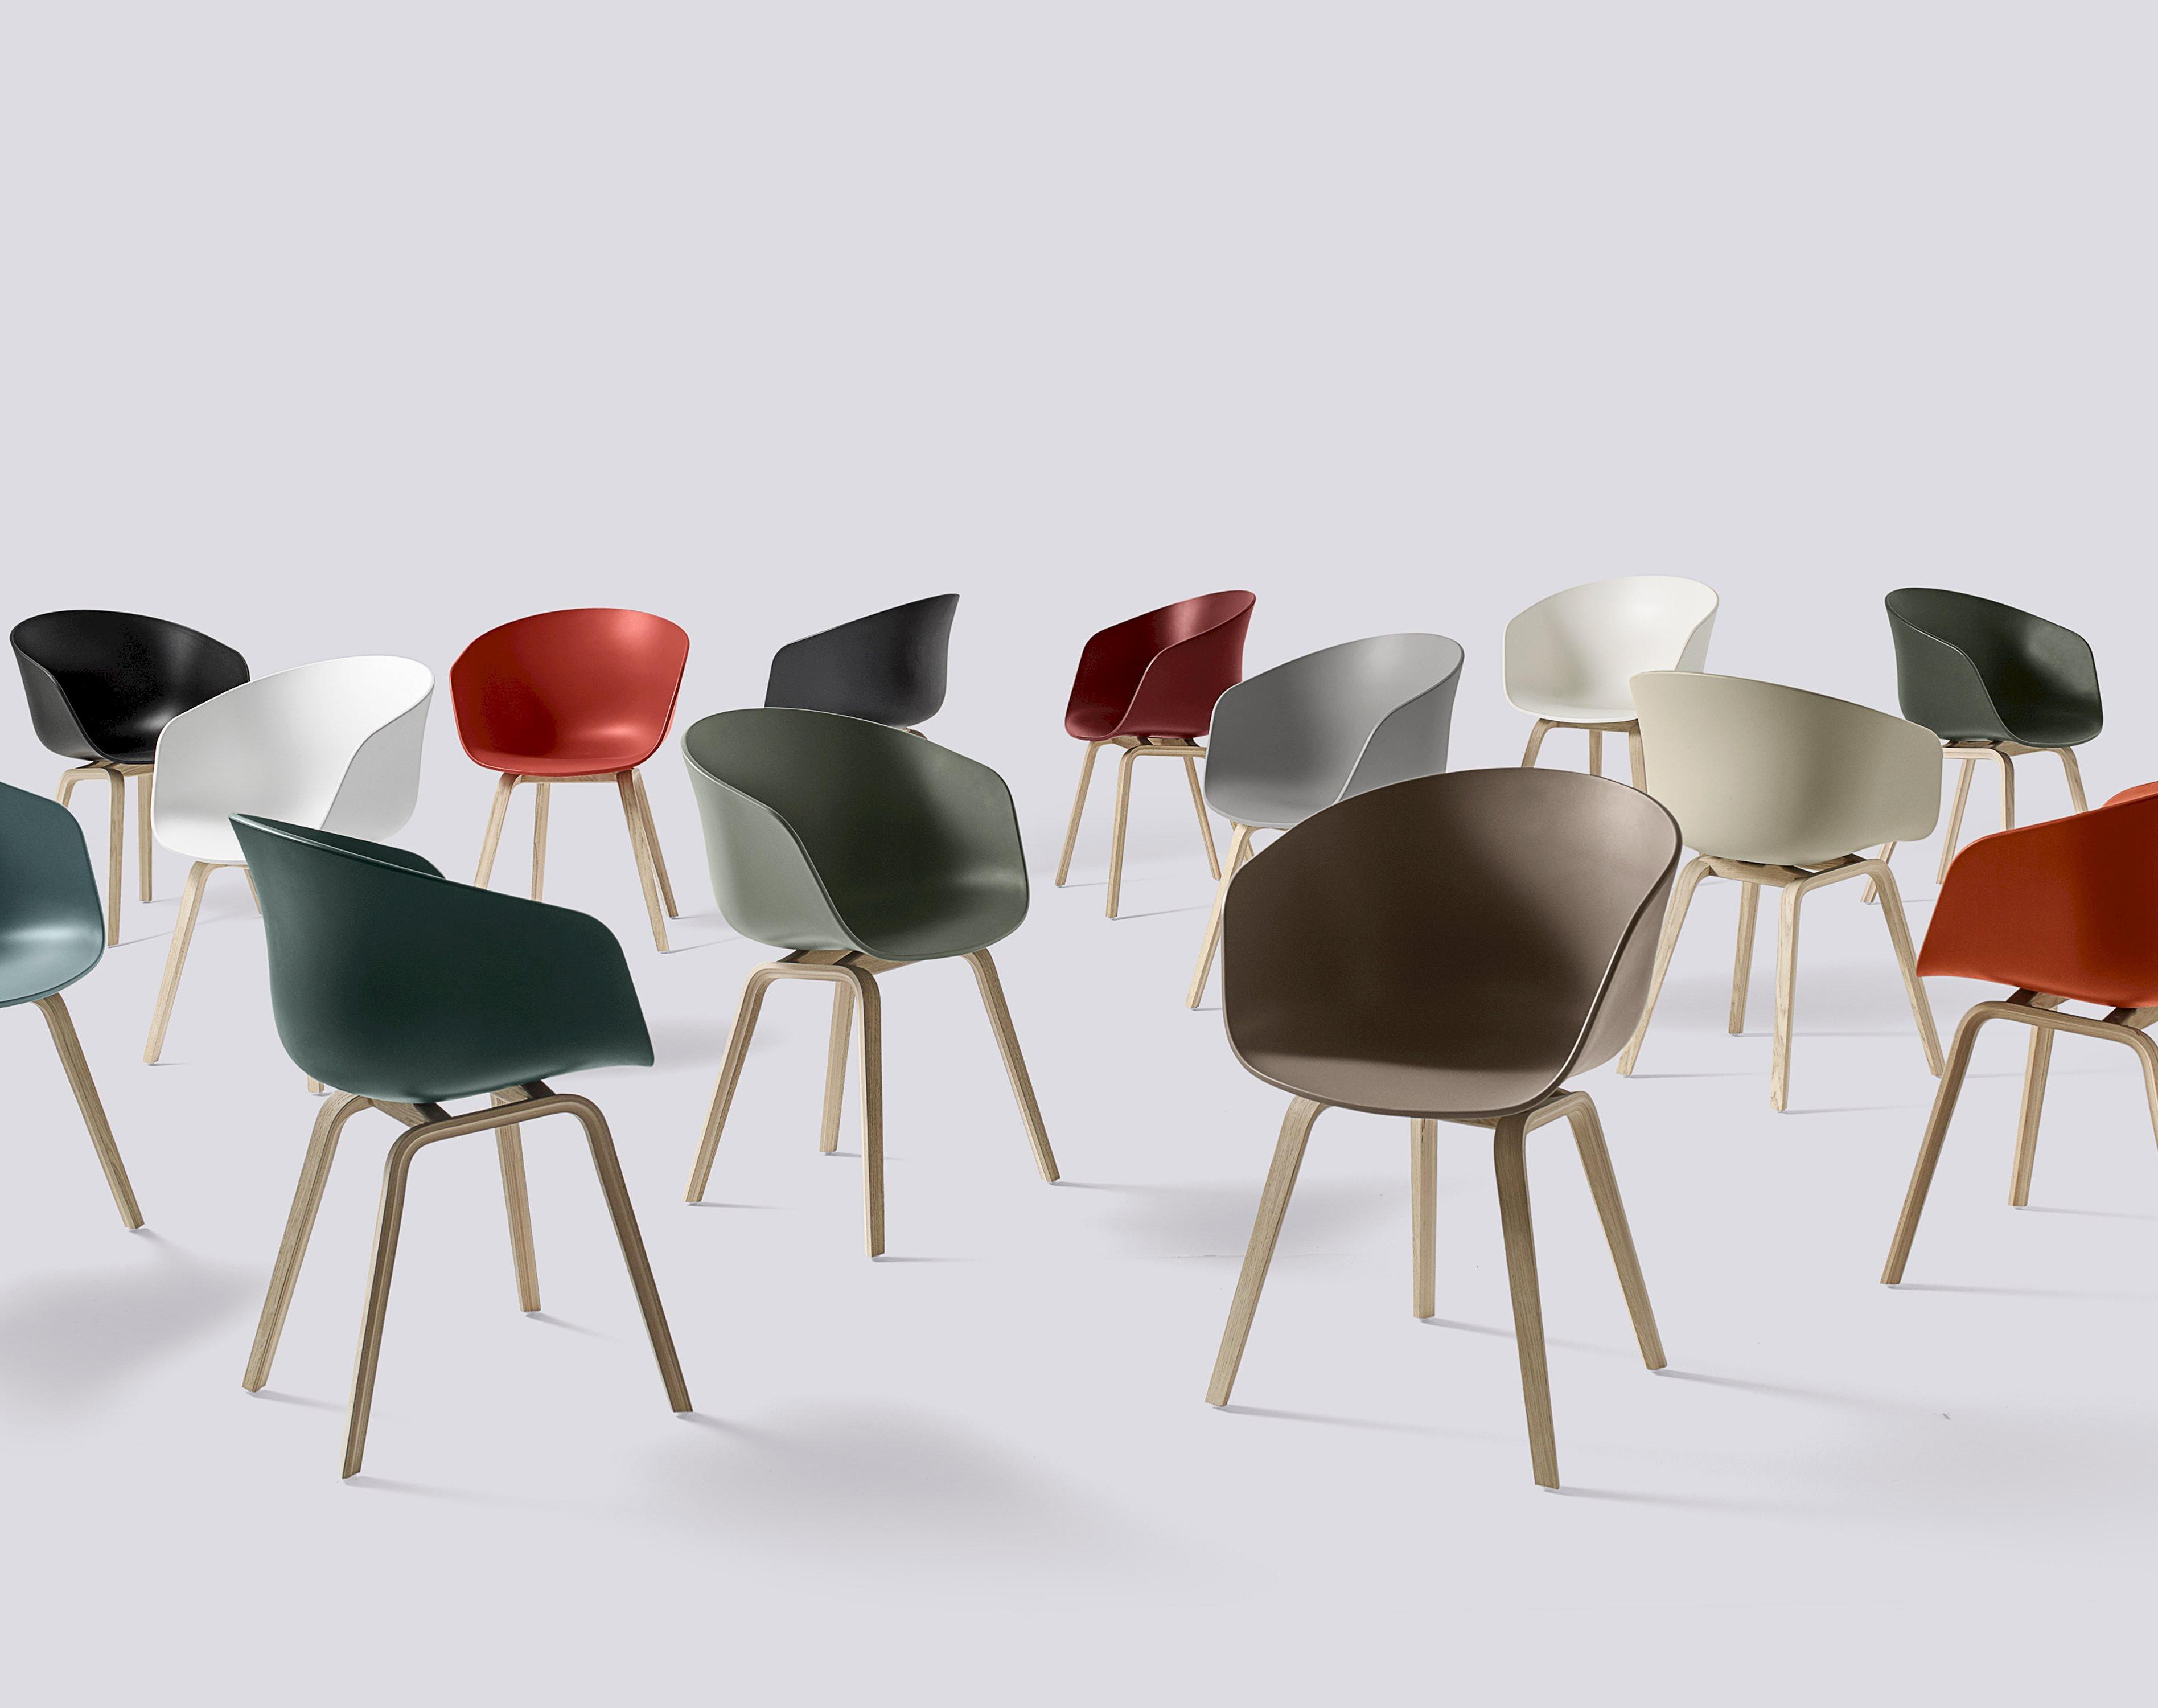 Silla Oficina Diseño Ftd8 Silla Escritorio Diseà O Concepto Hacia Pintar Tus Residencia Cuartoz